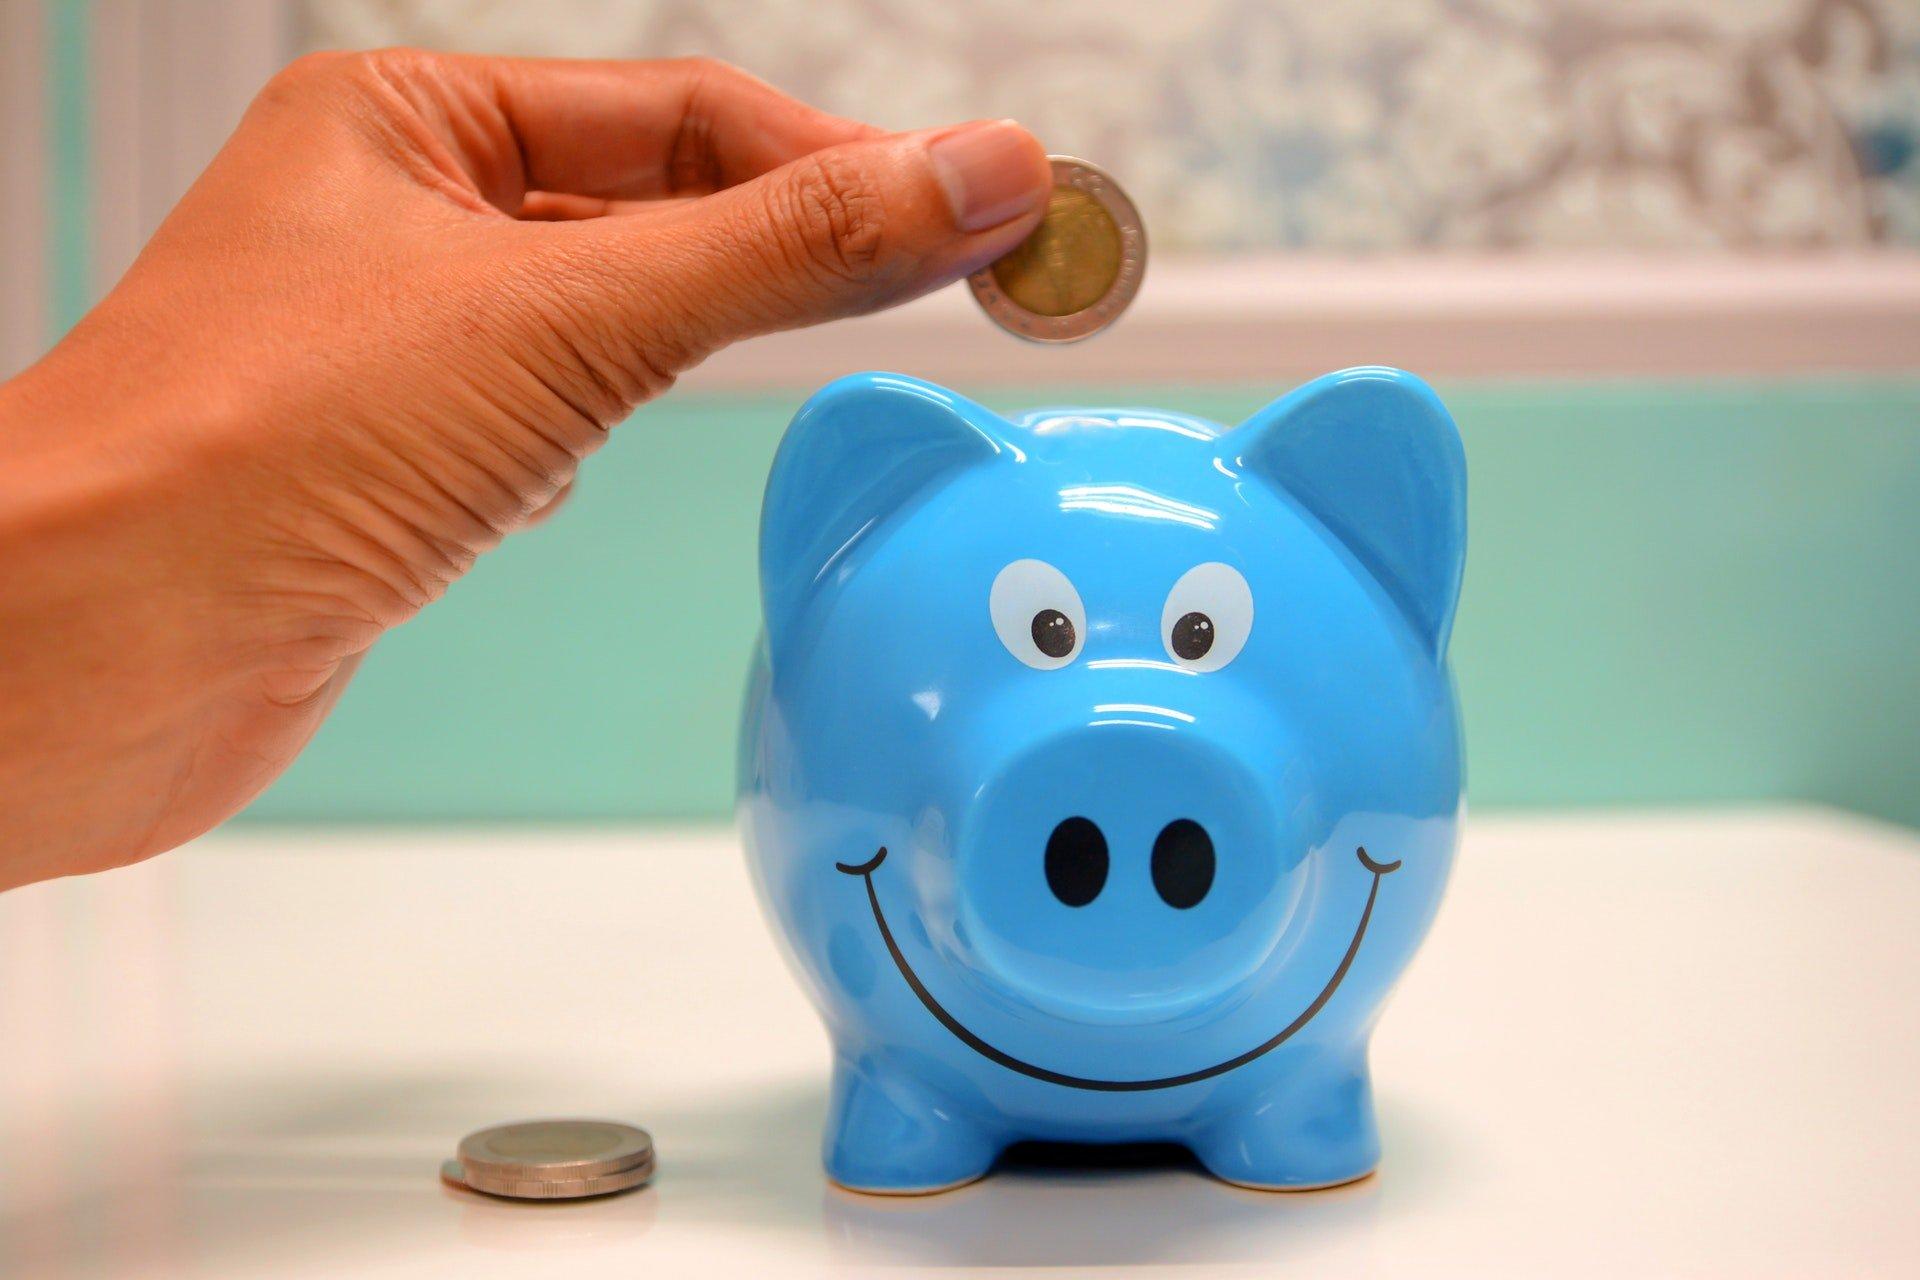 Saving pennies in a piggy bank